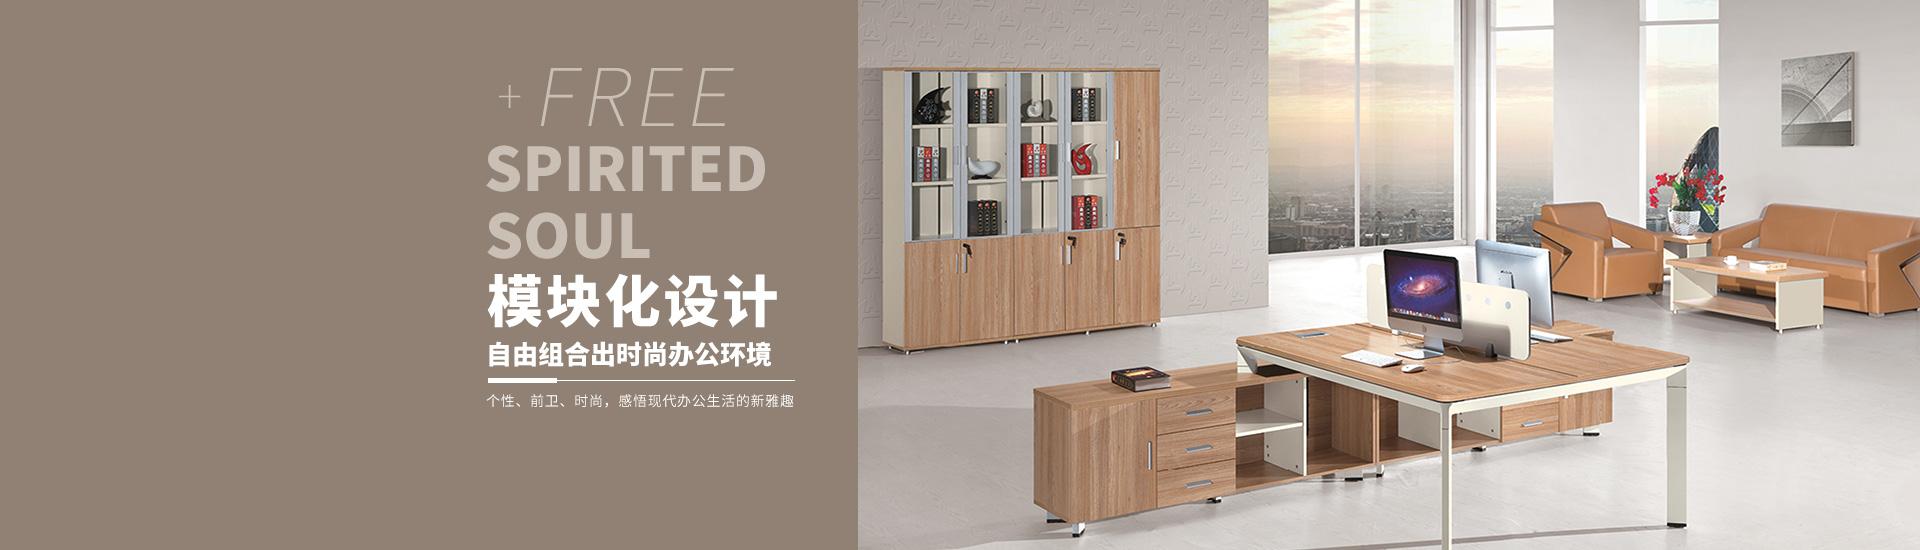 广西现代办公家具,广西校用家具,广西板式家具